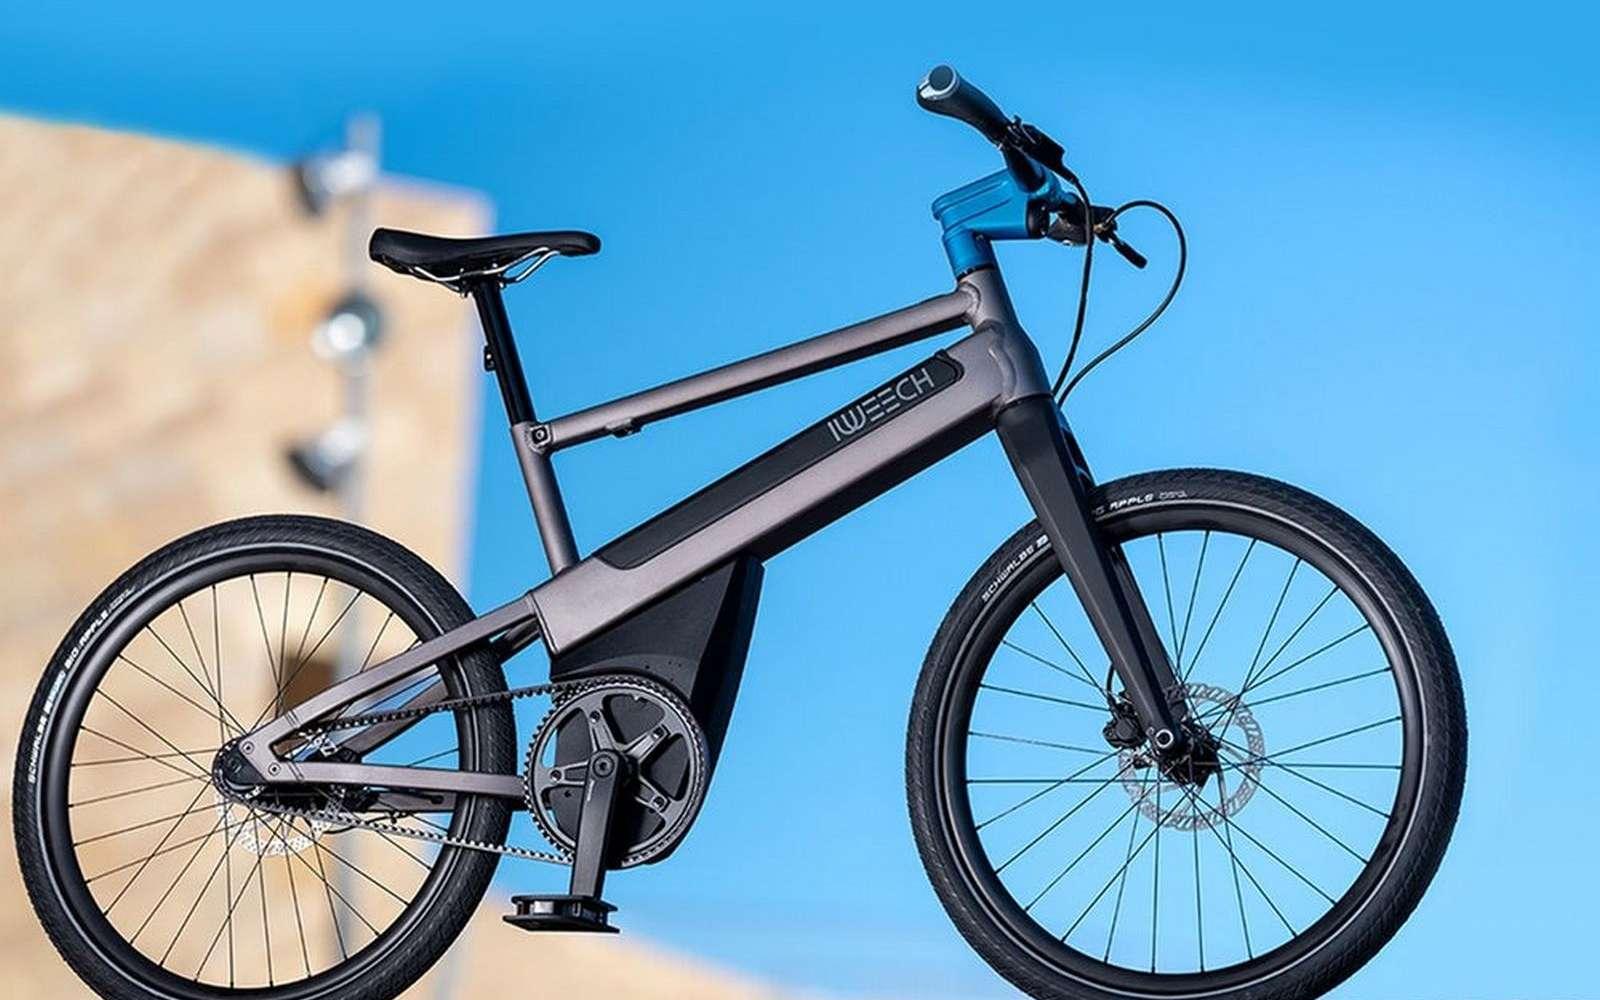 Le vélo à assistance électrique iWeech. © iWeech